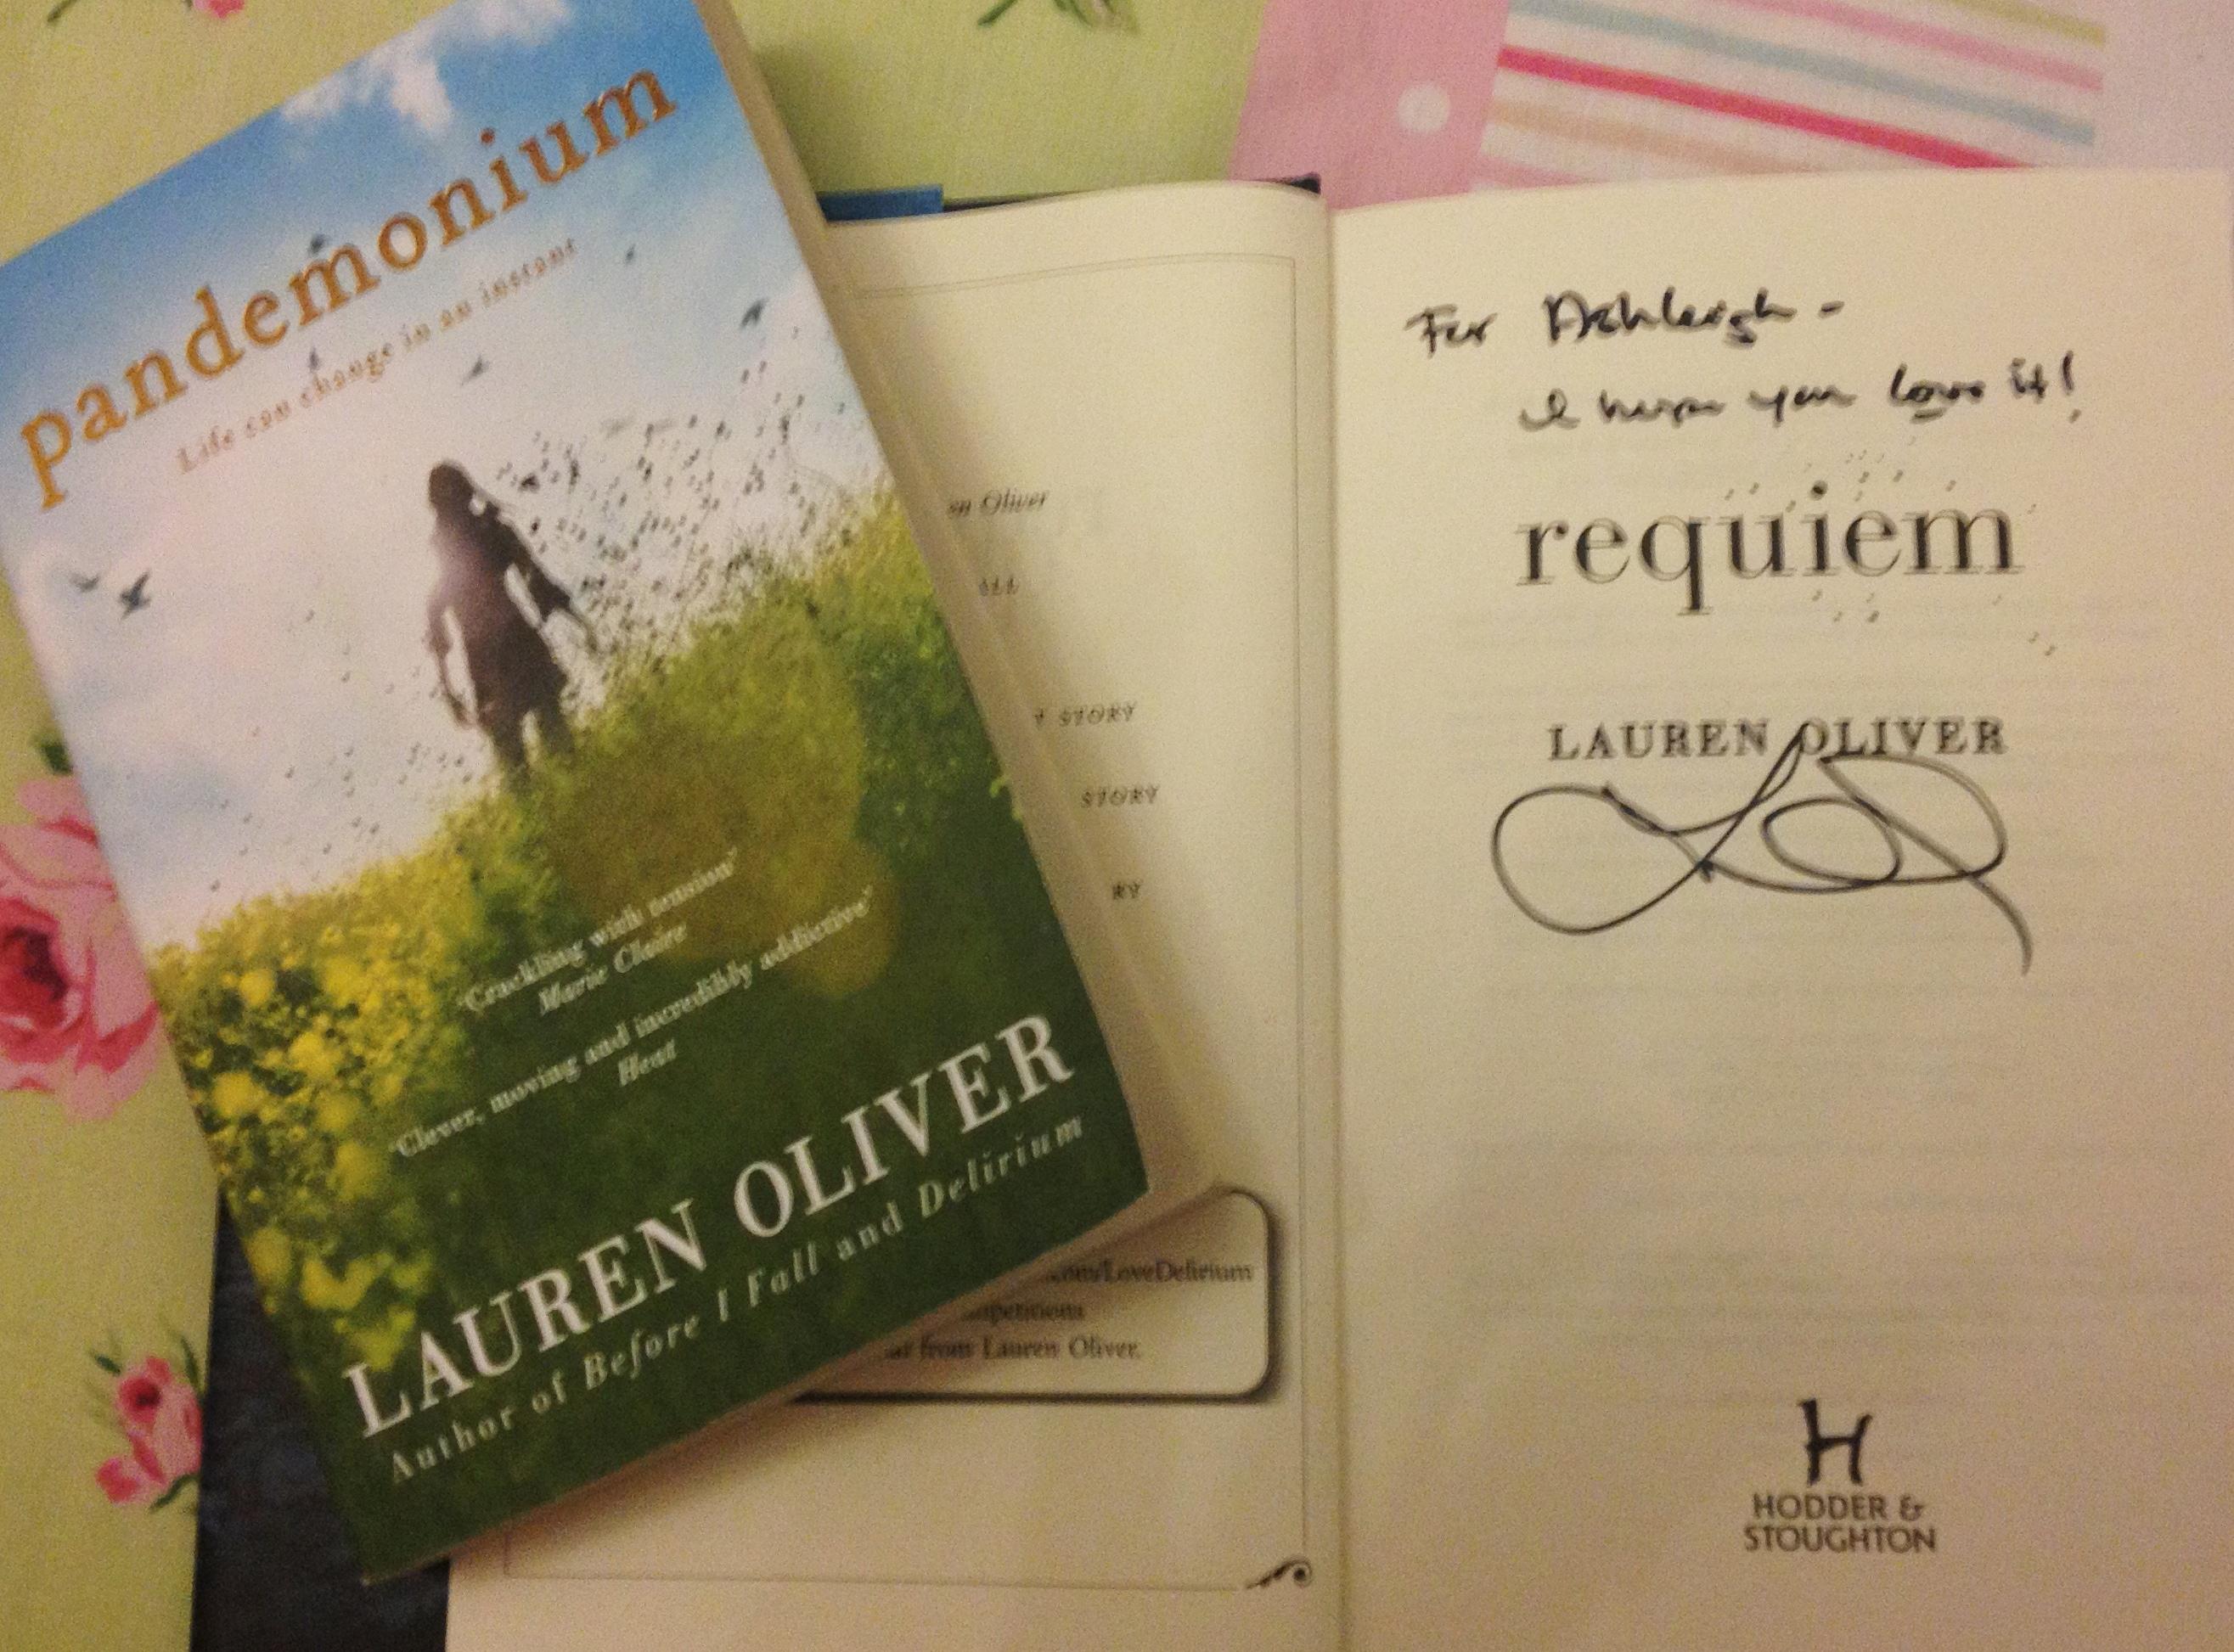 Lauren Oliver signed books